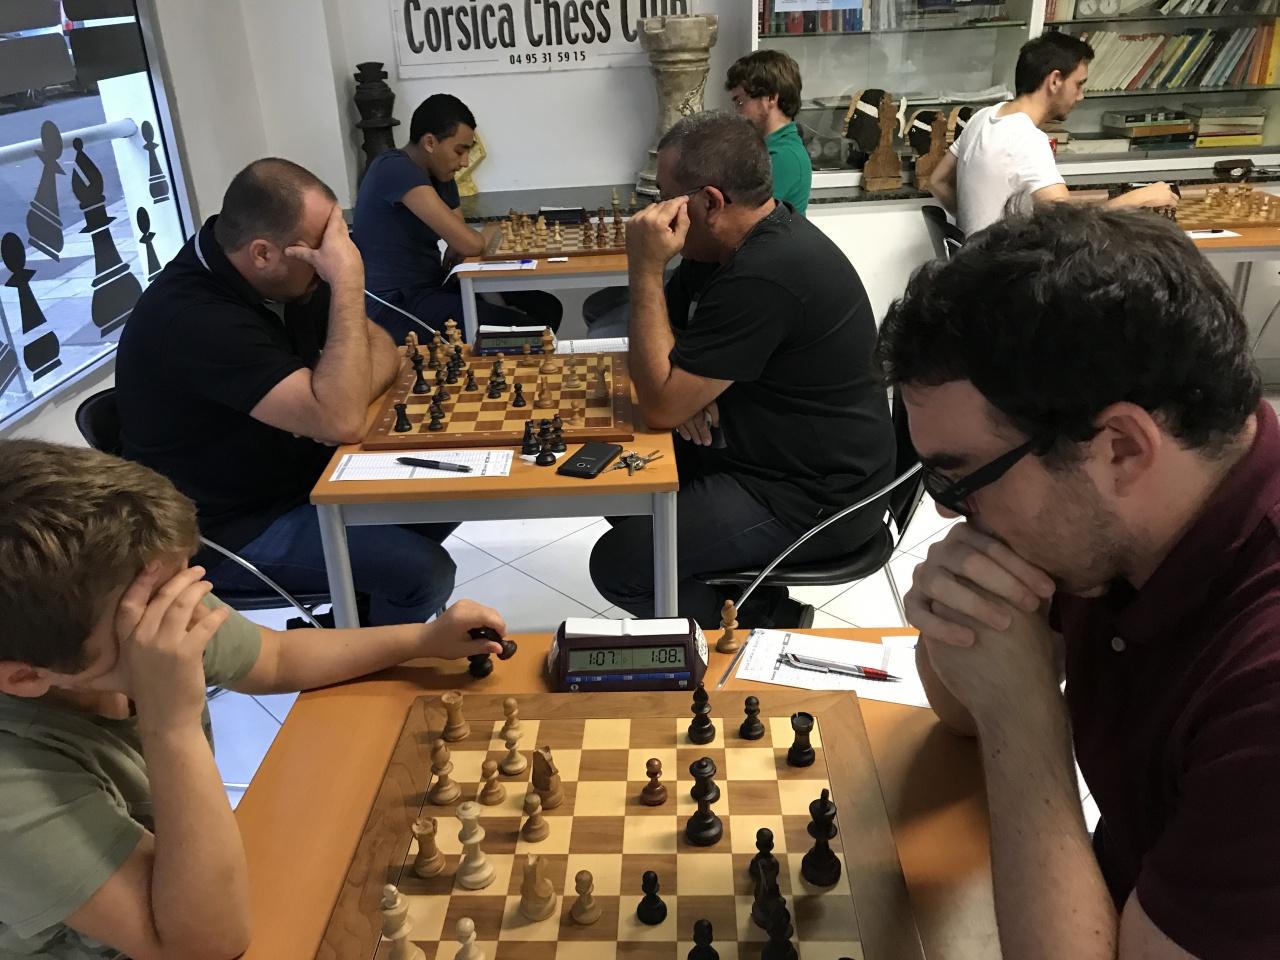 Reprise des tournois fermés du Corsica Chess Club